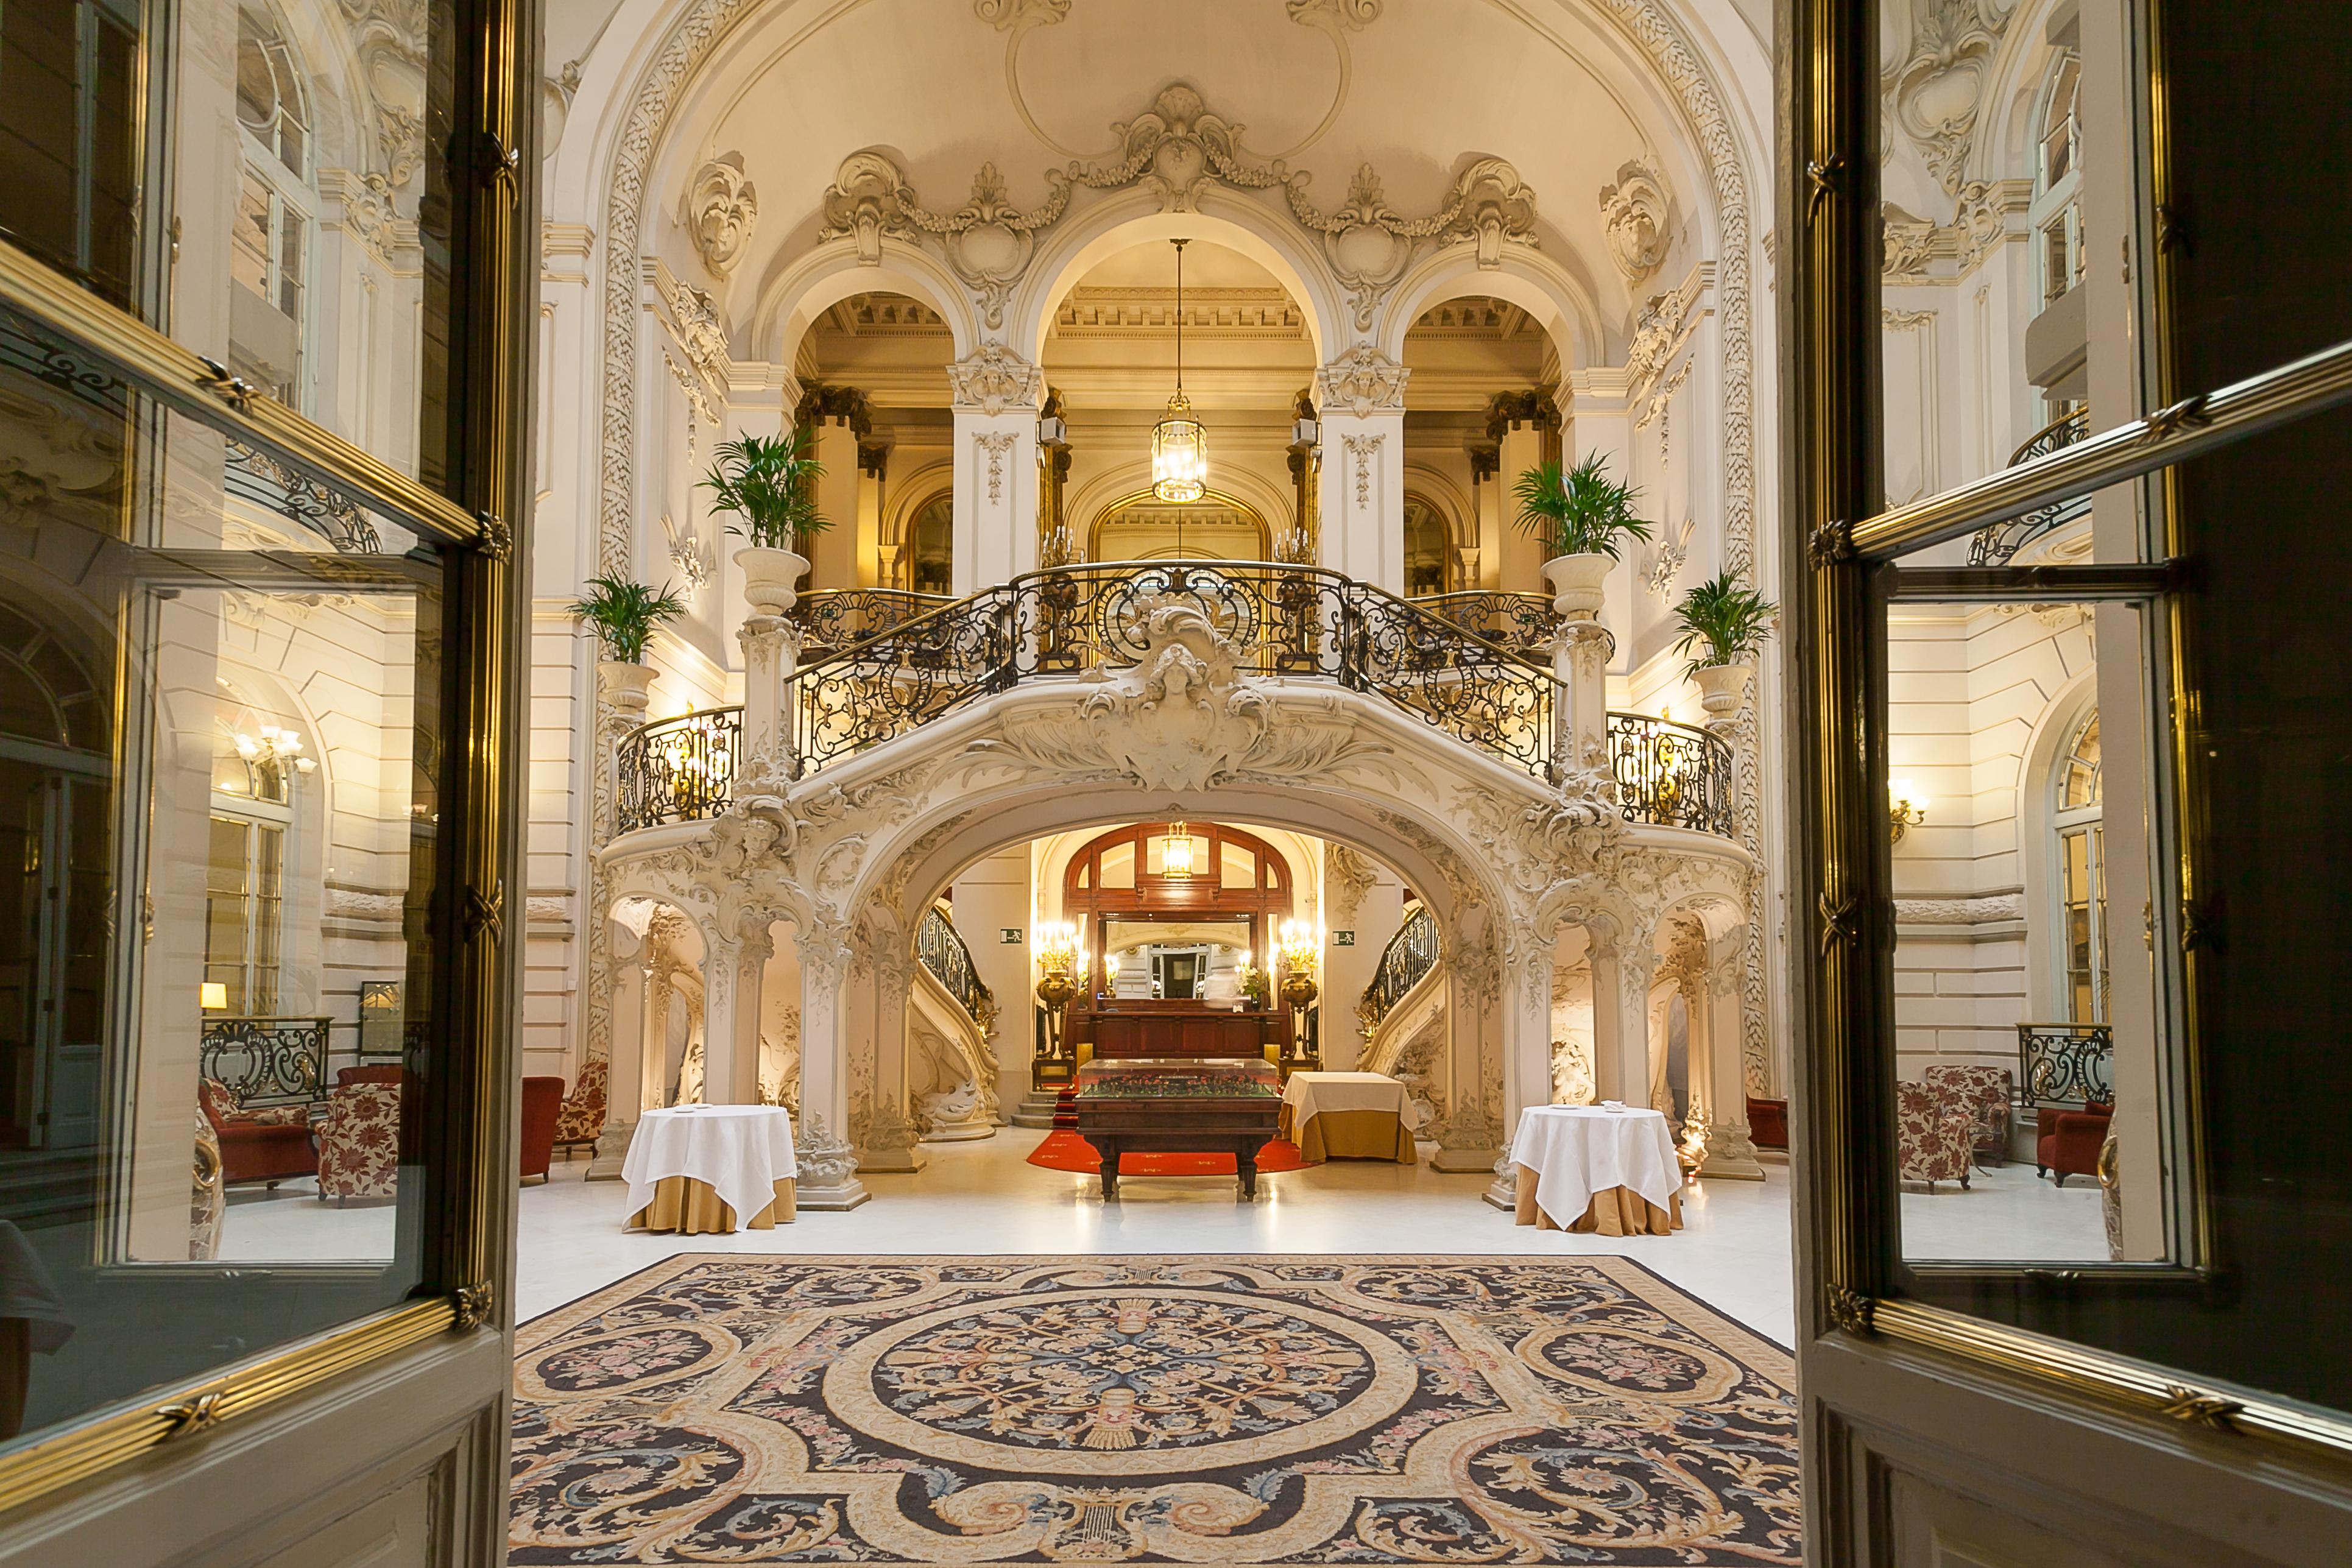 Escaleras de entrada al Casino de Madrid